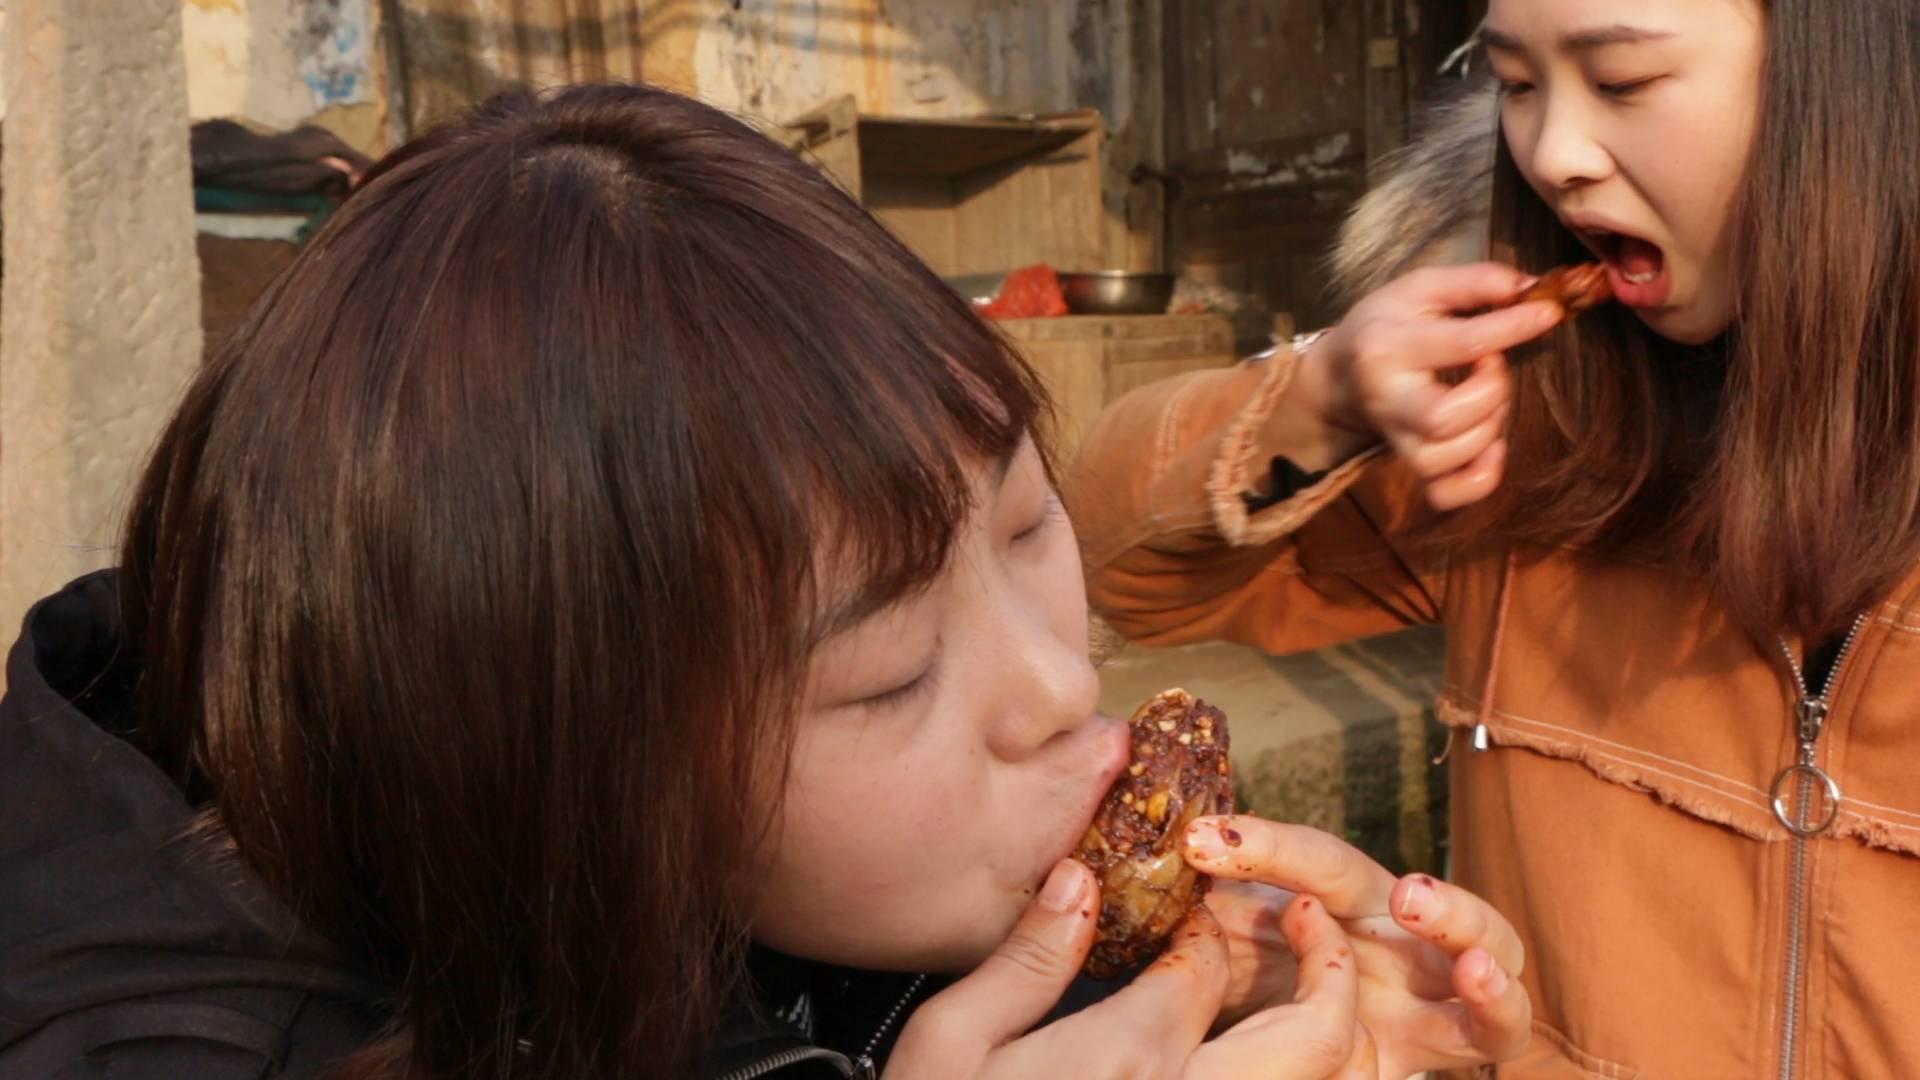 秋妹做了火遍四川的麻辣兔头,吃得满嘴是油,越啃越带劲儿,巴适